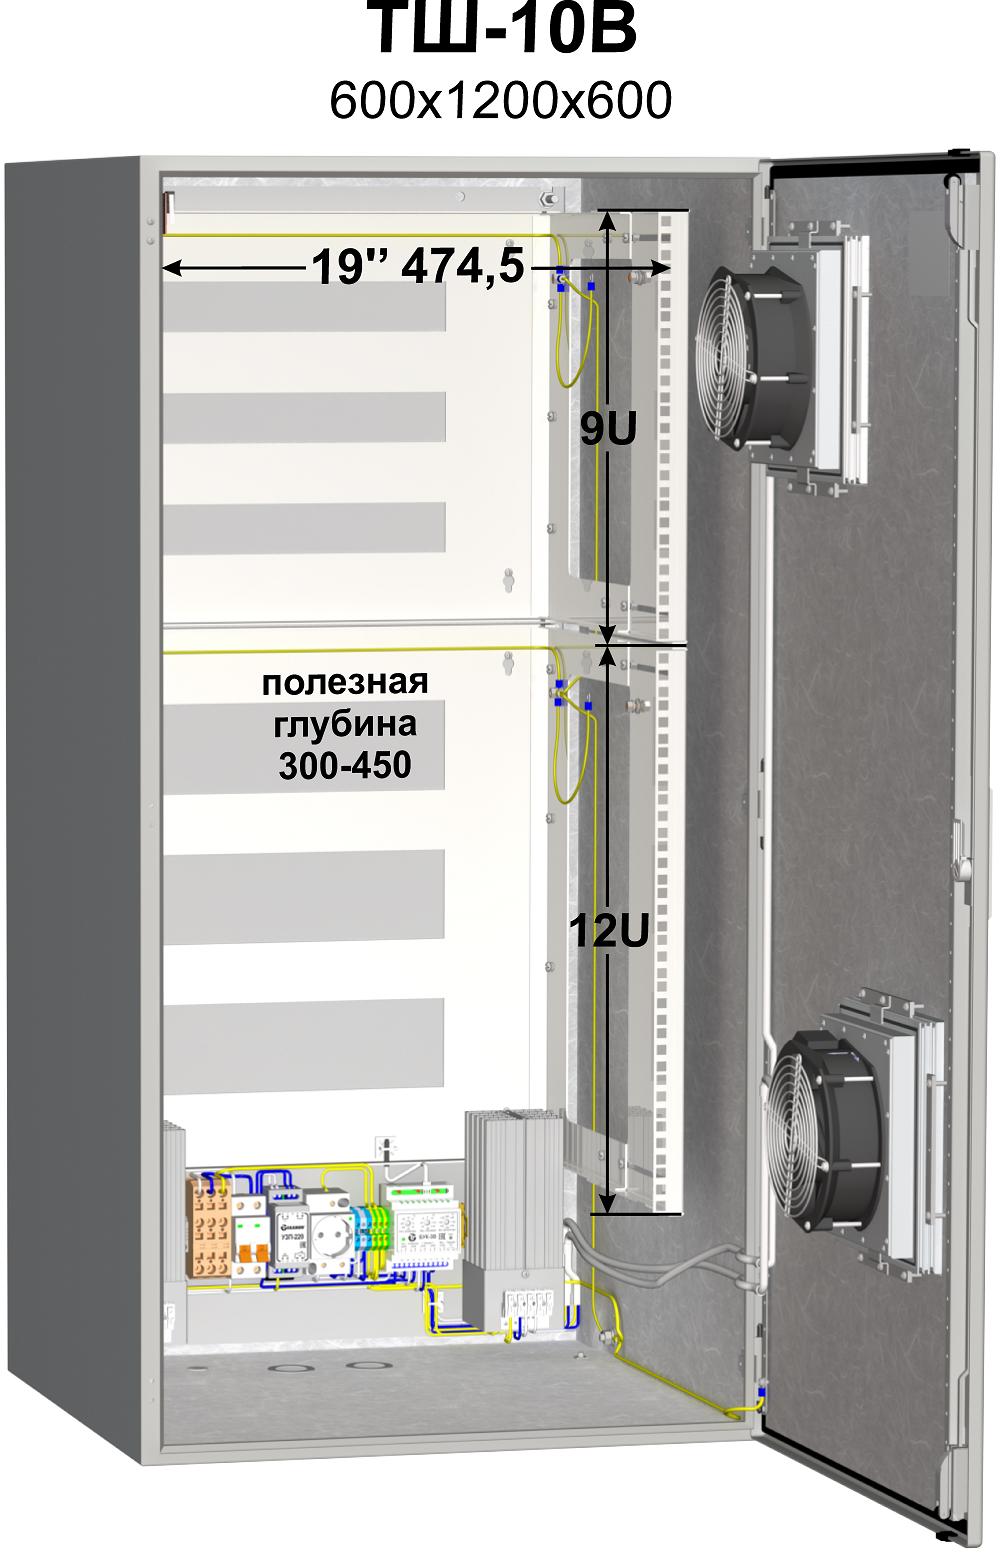 Термошкаф (600х1200х600мм, -50°С) ТШ-10В 19